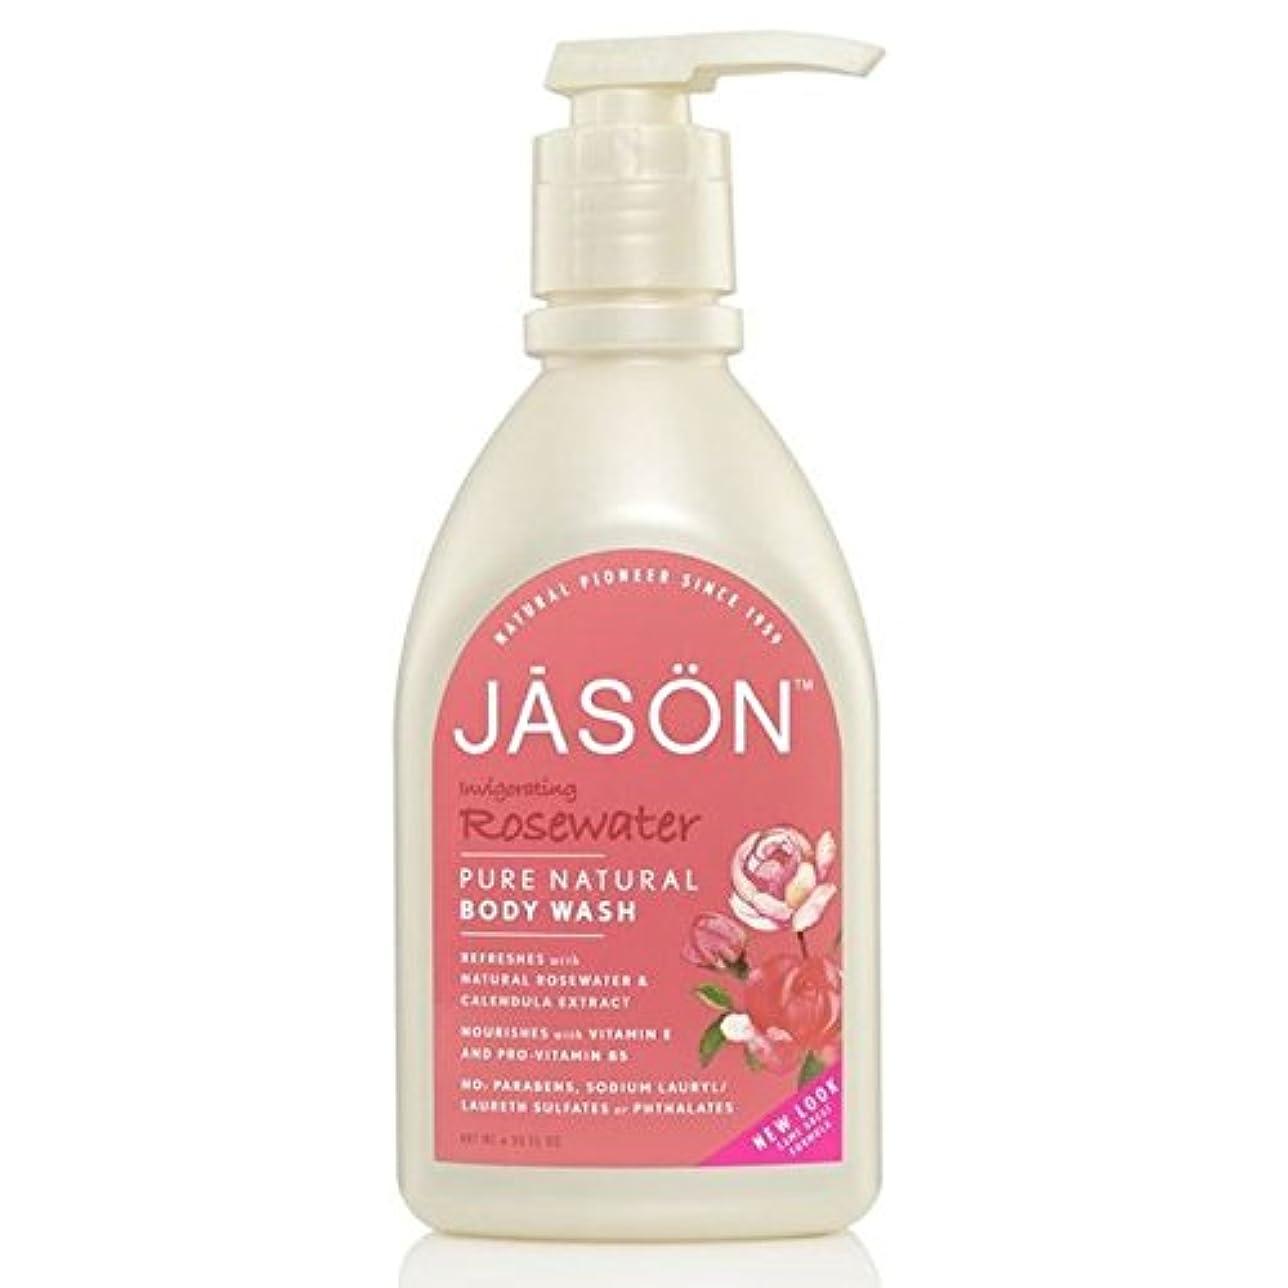 レパートリーペナルティ全国Jason Body Wash Rosewater Satin Shower 900ml (Pack of 6) - ジェイソン?ボディウォッシュローズウォーターサテンシャワー900ミリリットル x6 [並行輸入品]